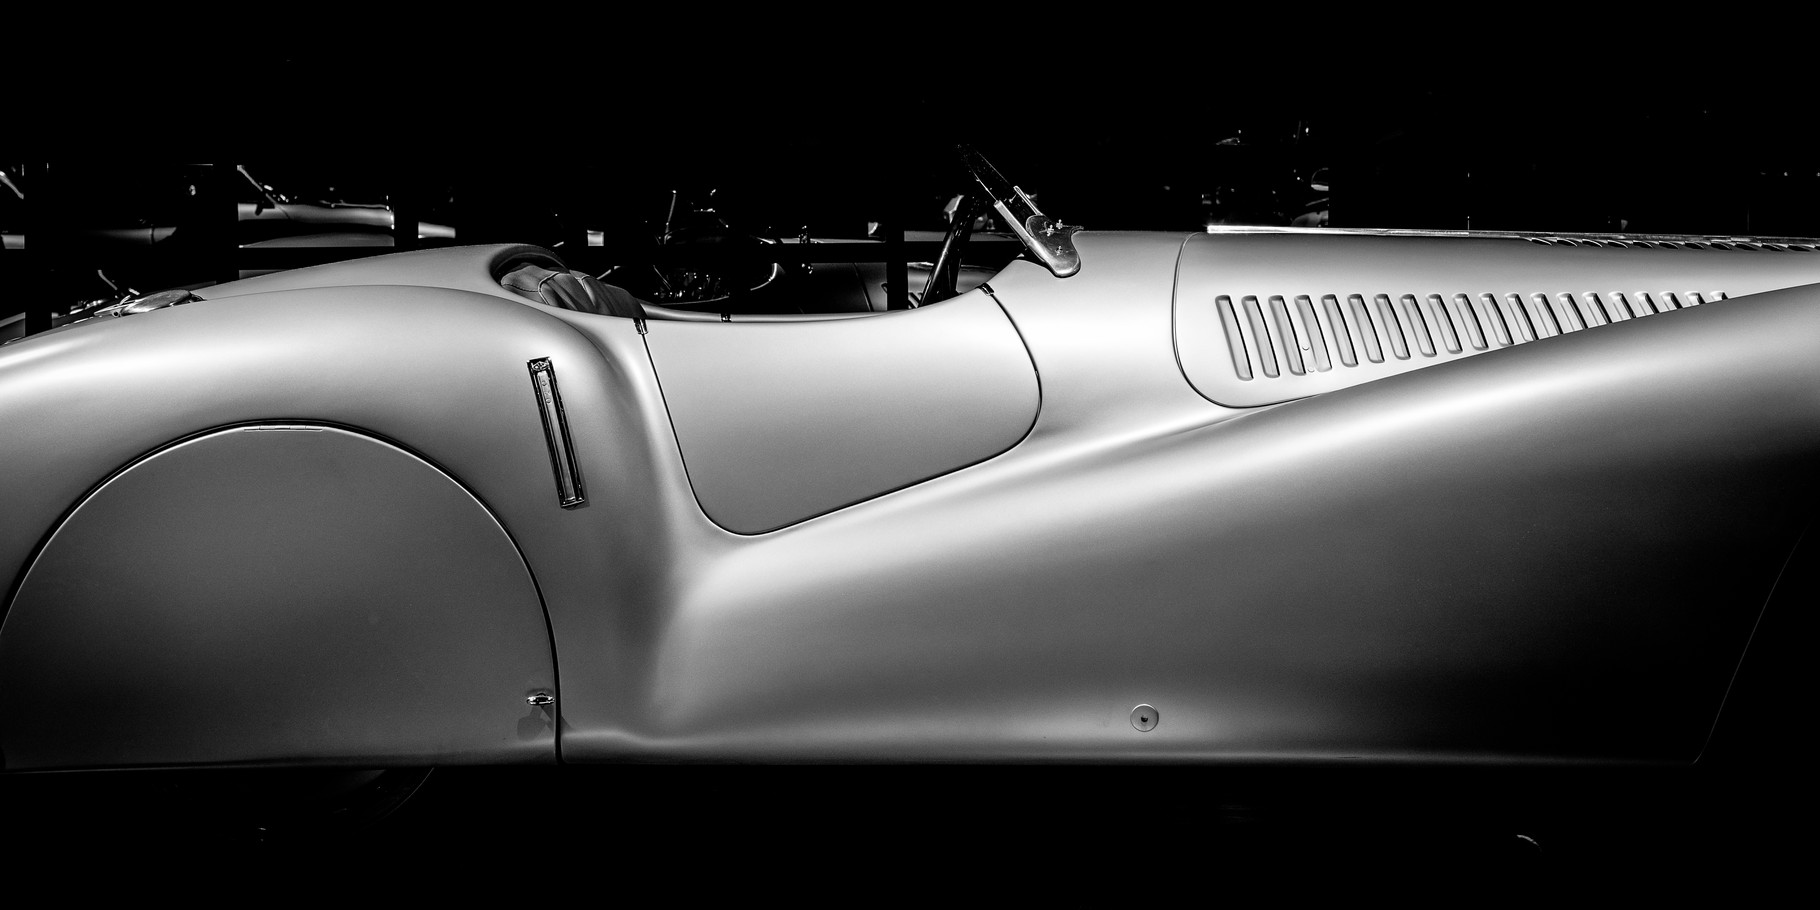 BMW 328 Mille Miglia; 60cm x 30cm; Fotodruck auf Acrylglas; Auflage 12